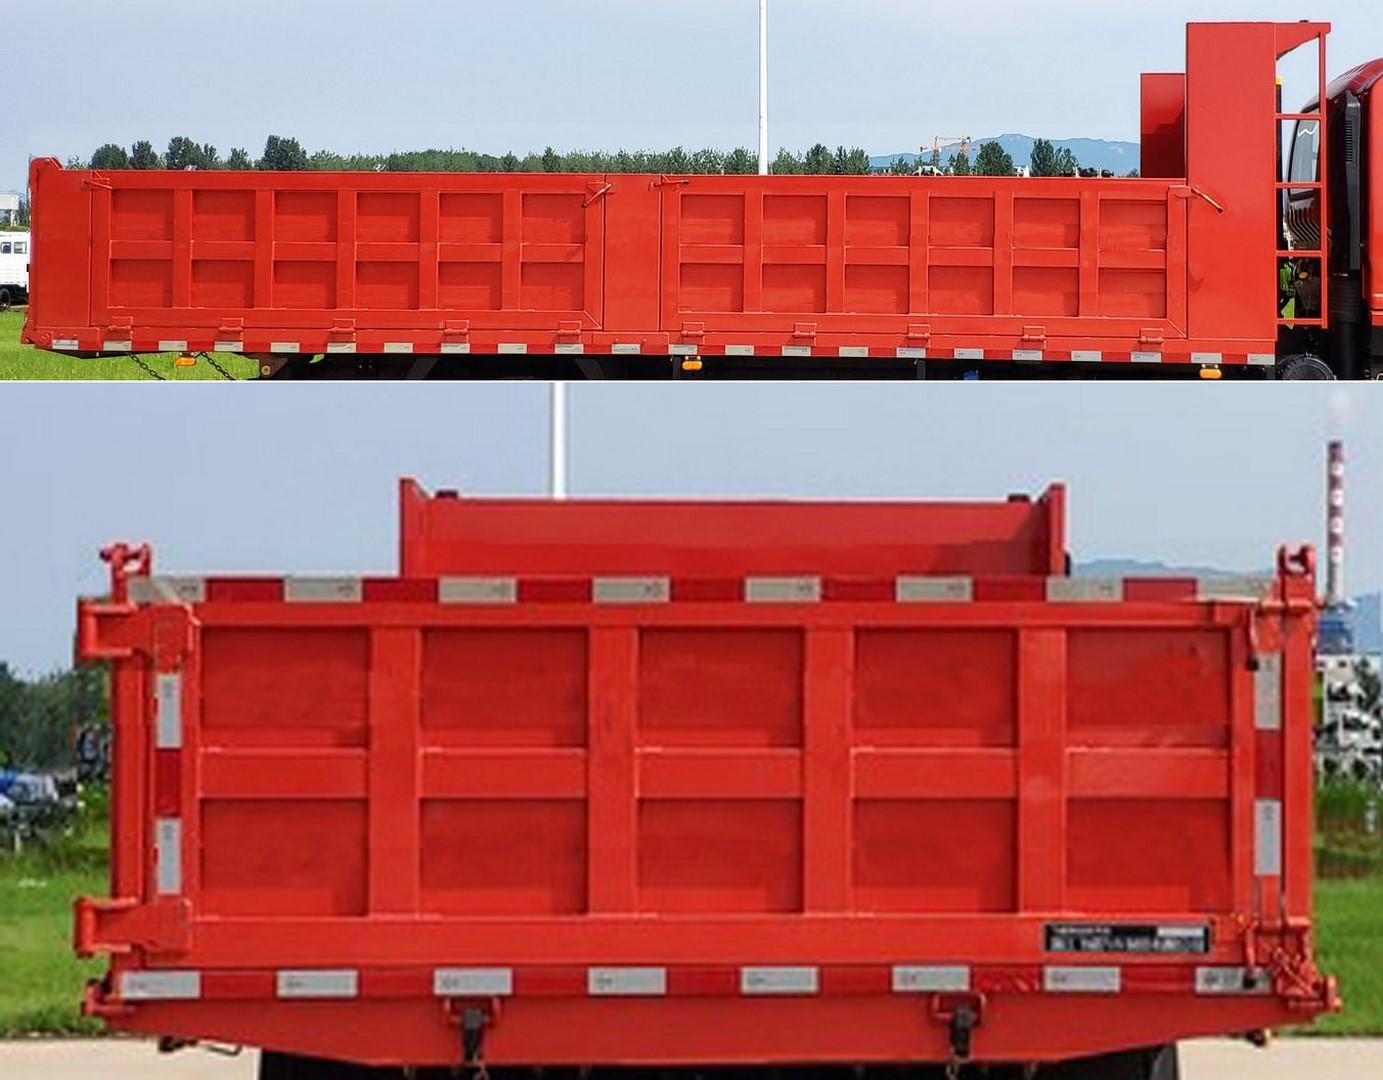 飞碟奥驰 X1系列 110马力 4X2 3.66米自卸车(FD3040W16K5-1)口碑